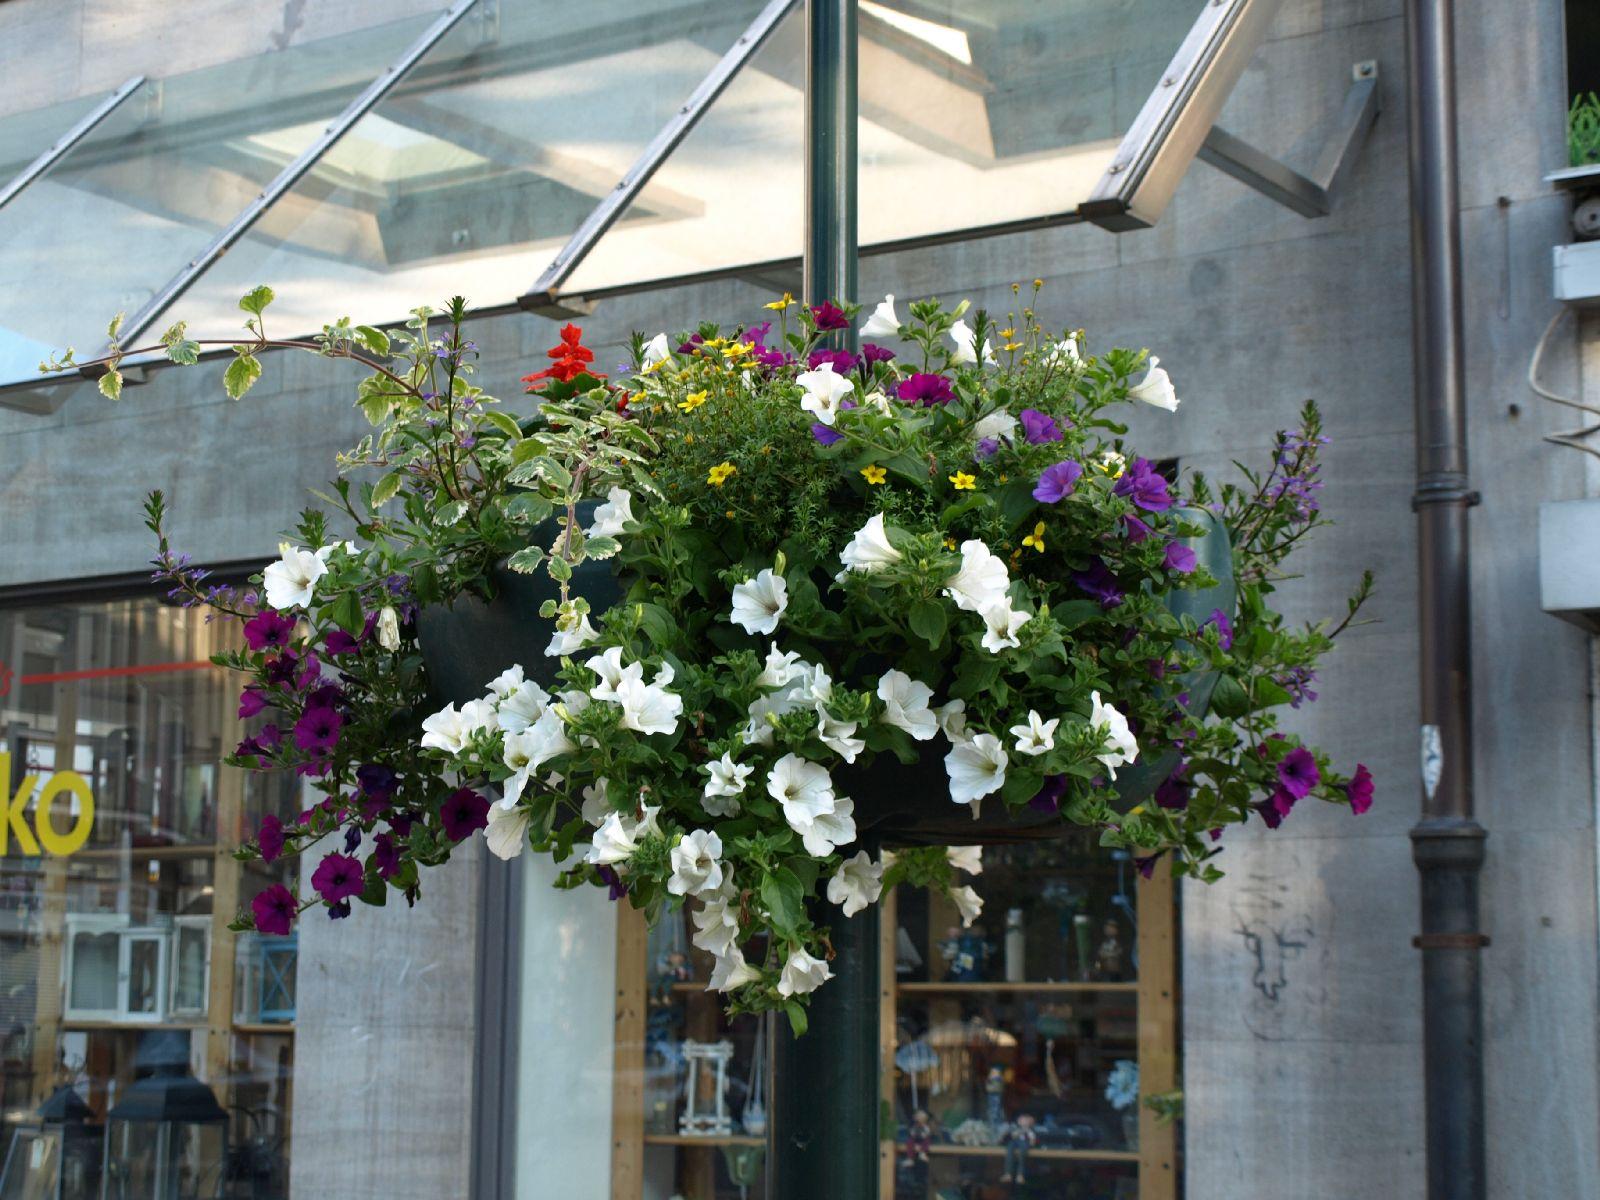 Pflanzen-Blumen-Foto_Textur_B_P6223568